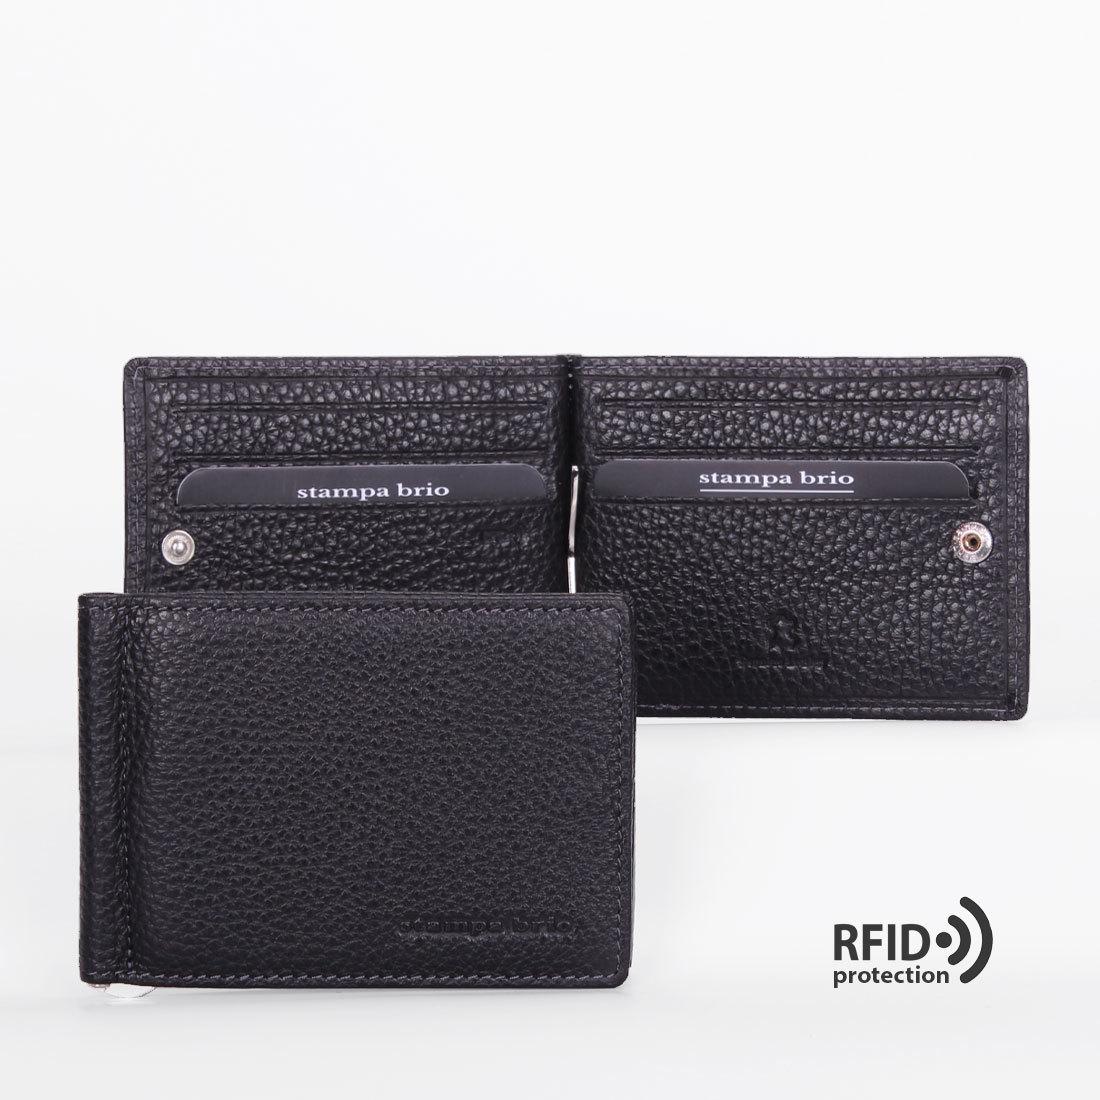 722 R - Зажим для купюр с монетником на молнии и RFID защитой